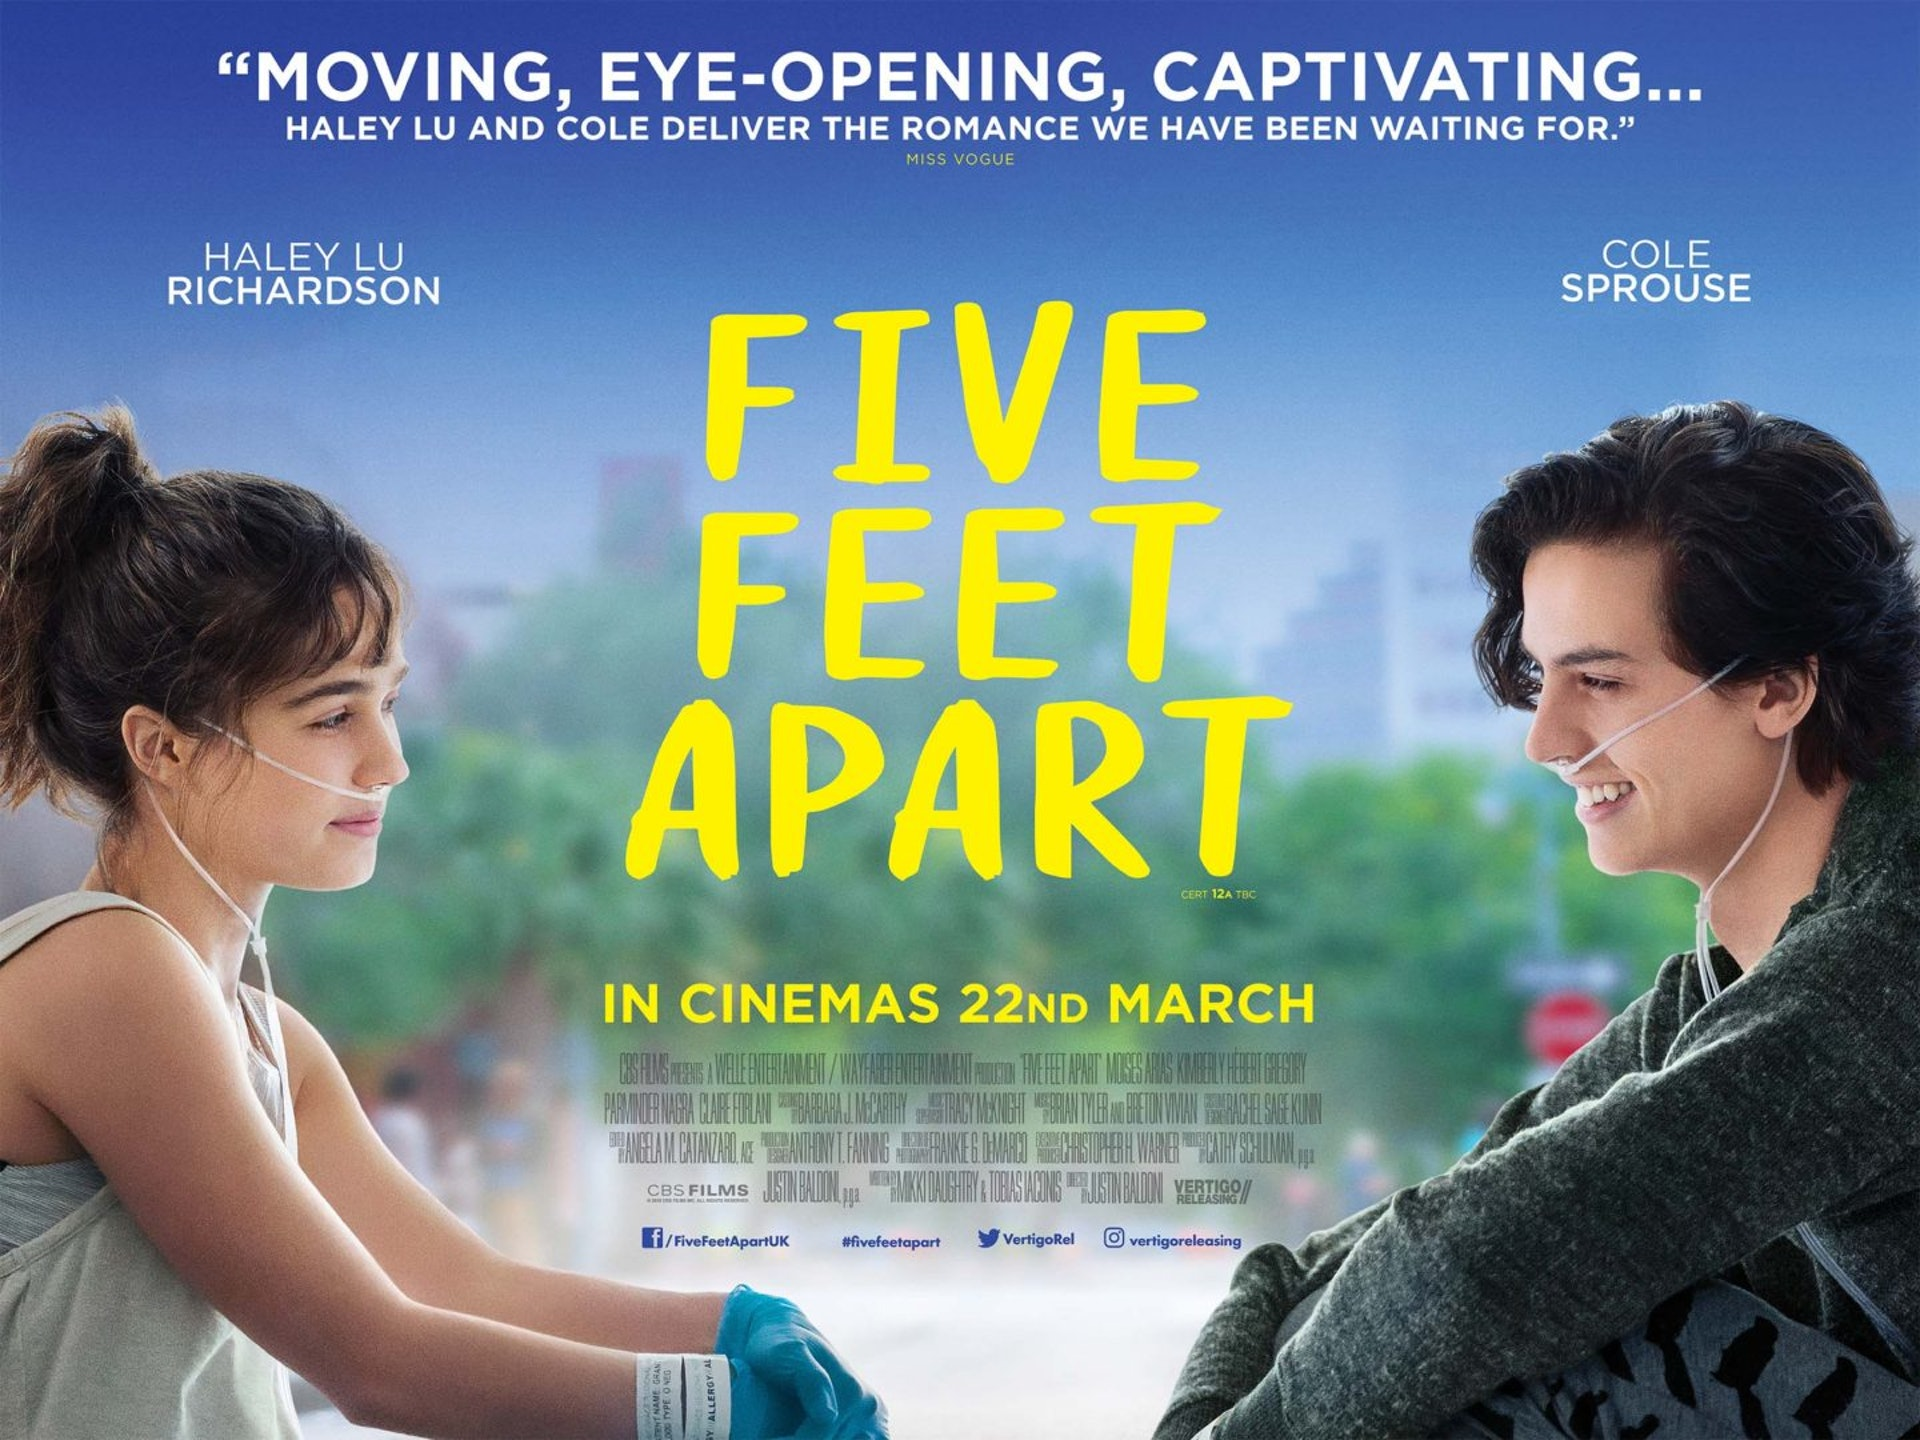 美國愛情電影《我的五步男朋友》(Five Feet Apart),講述兩位主角均罹患「囊腫性纖維症」,在同醫院治療期間日久生情,惟彼此間距離不能超過5呎。(電影海報)